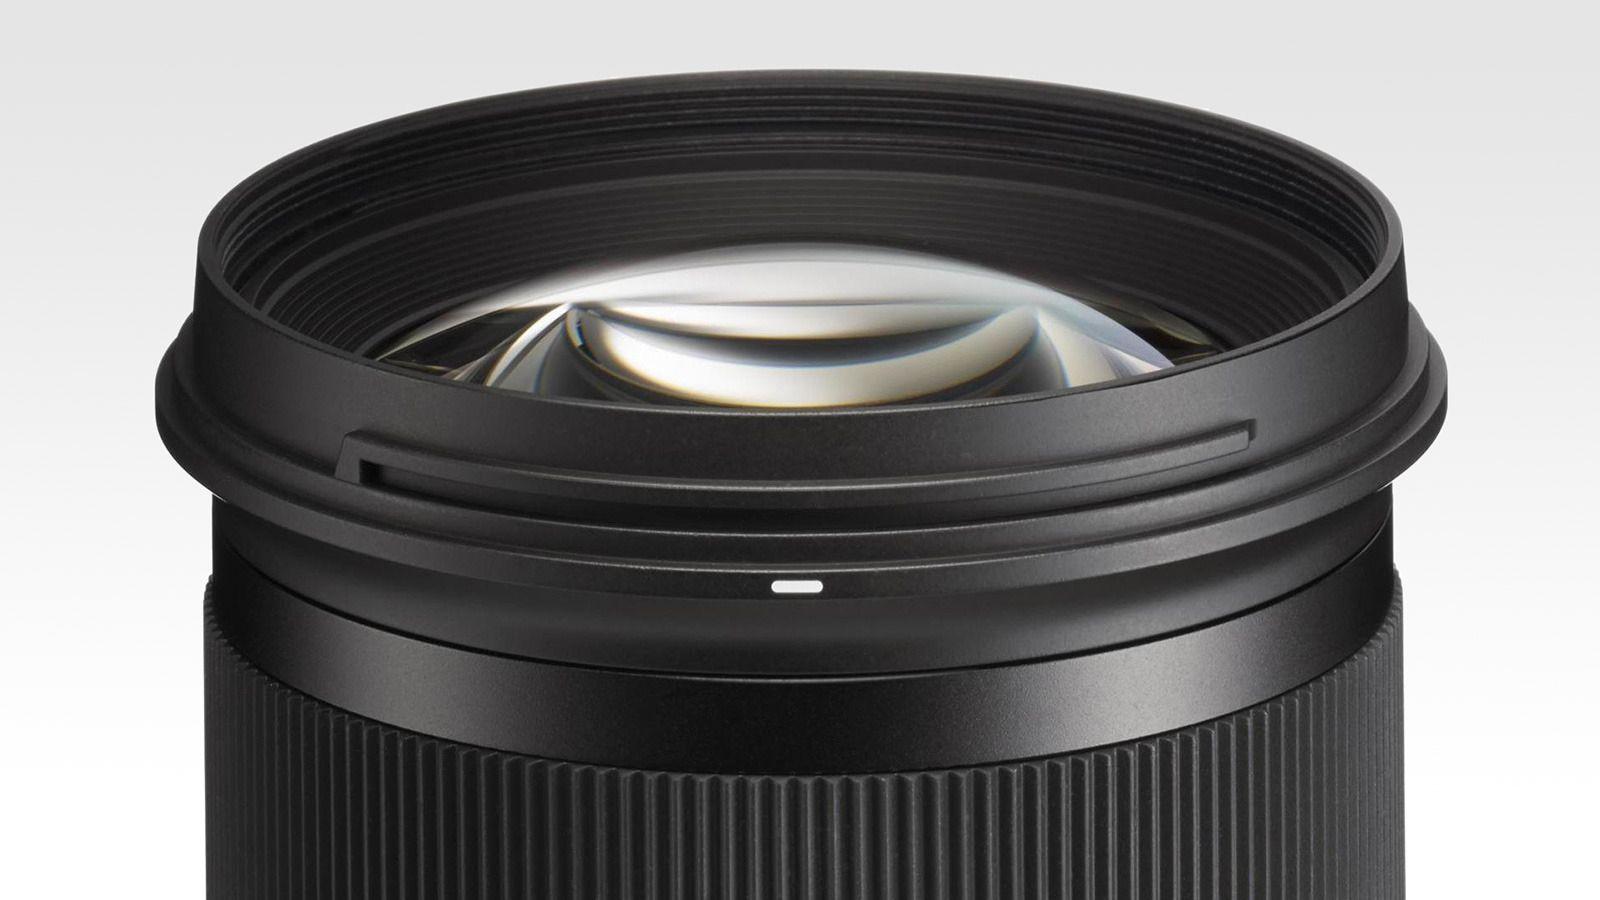 Sigma 50mm Art F1.4 DG HSM